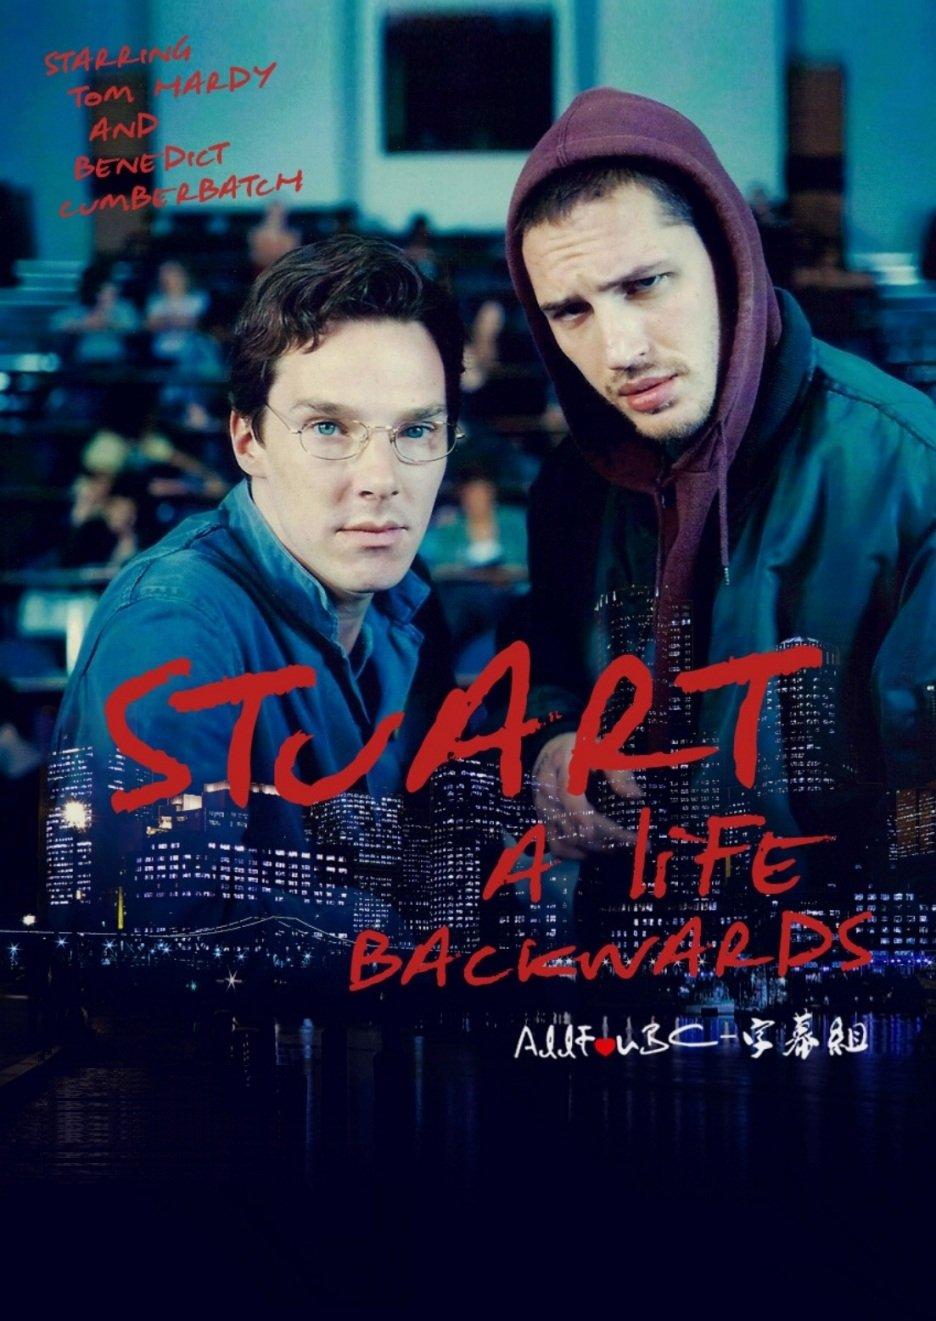 სტიუარტი: წარსულის გახსენება / Stuart: A Life Backwards